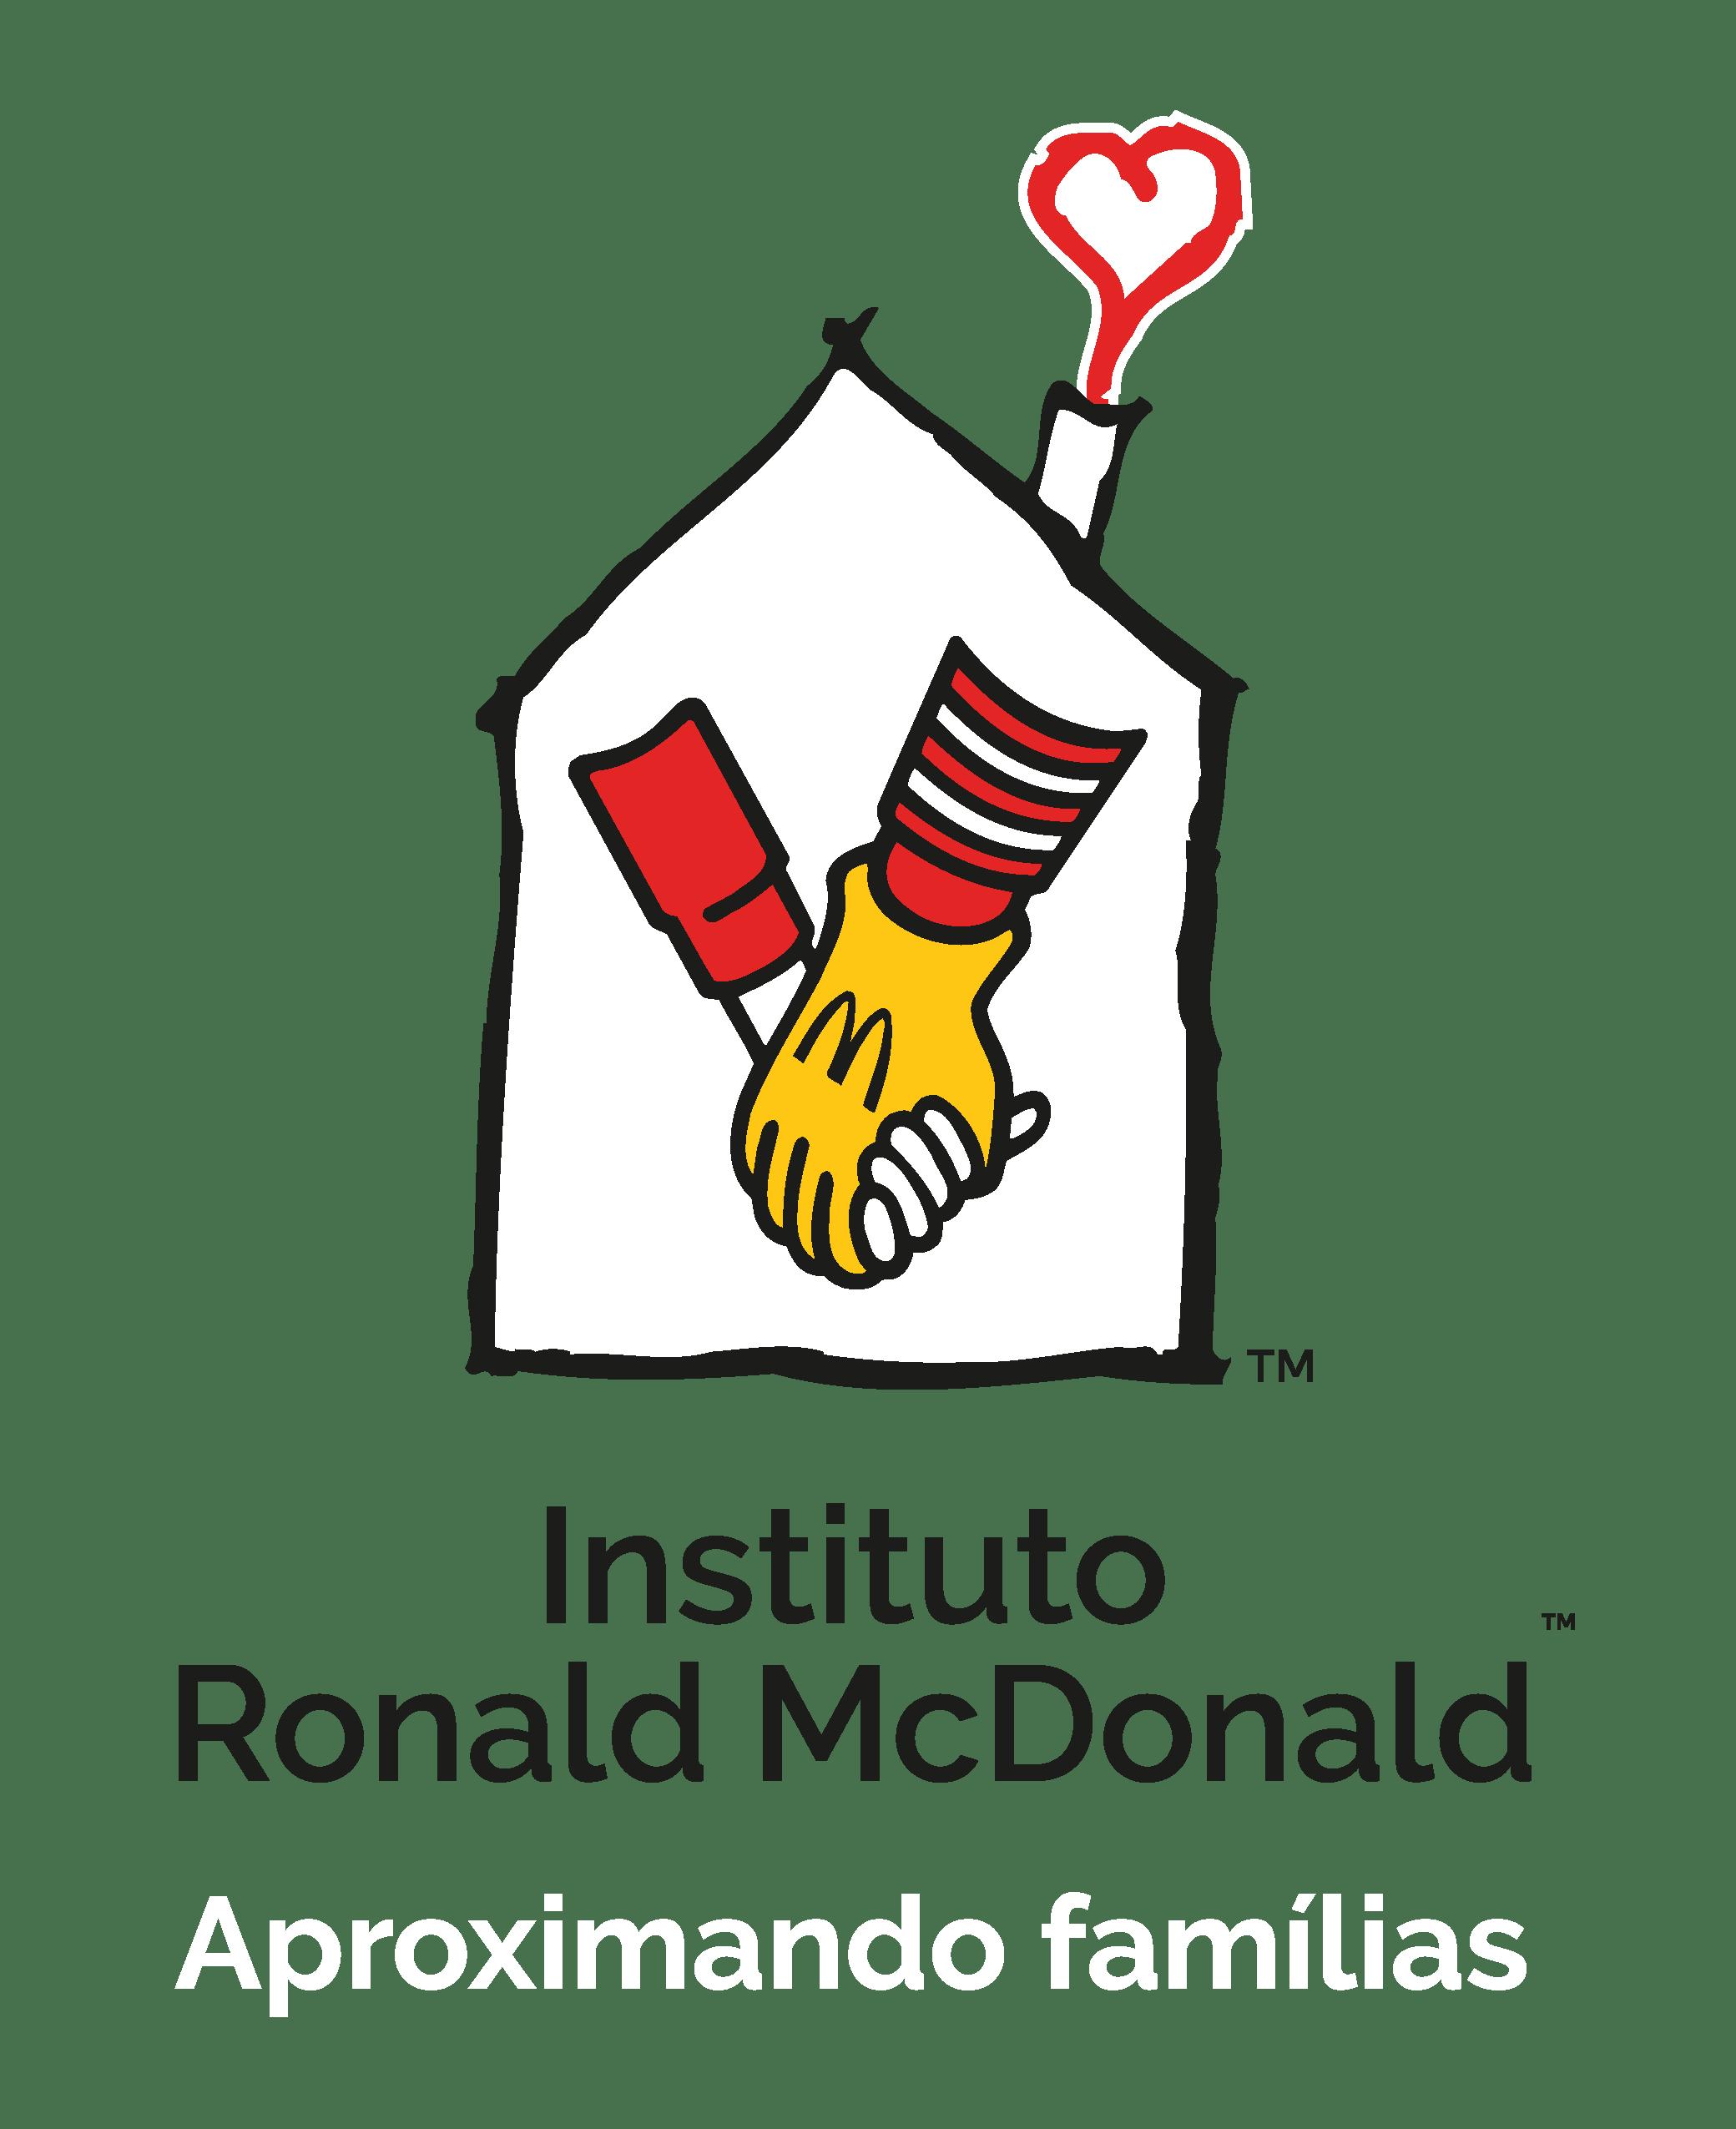 institutoronald.org.br